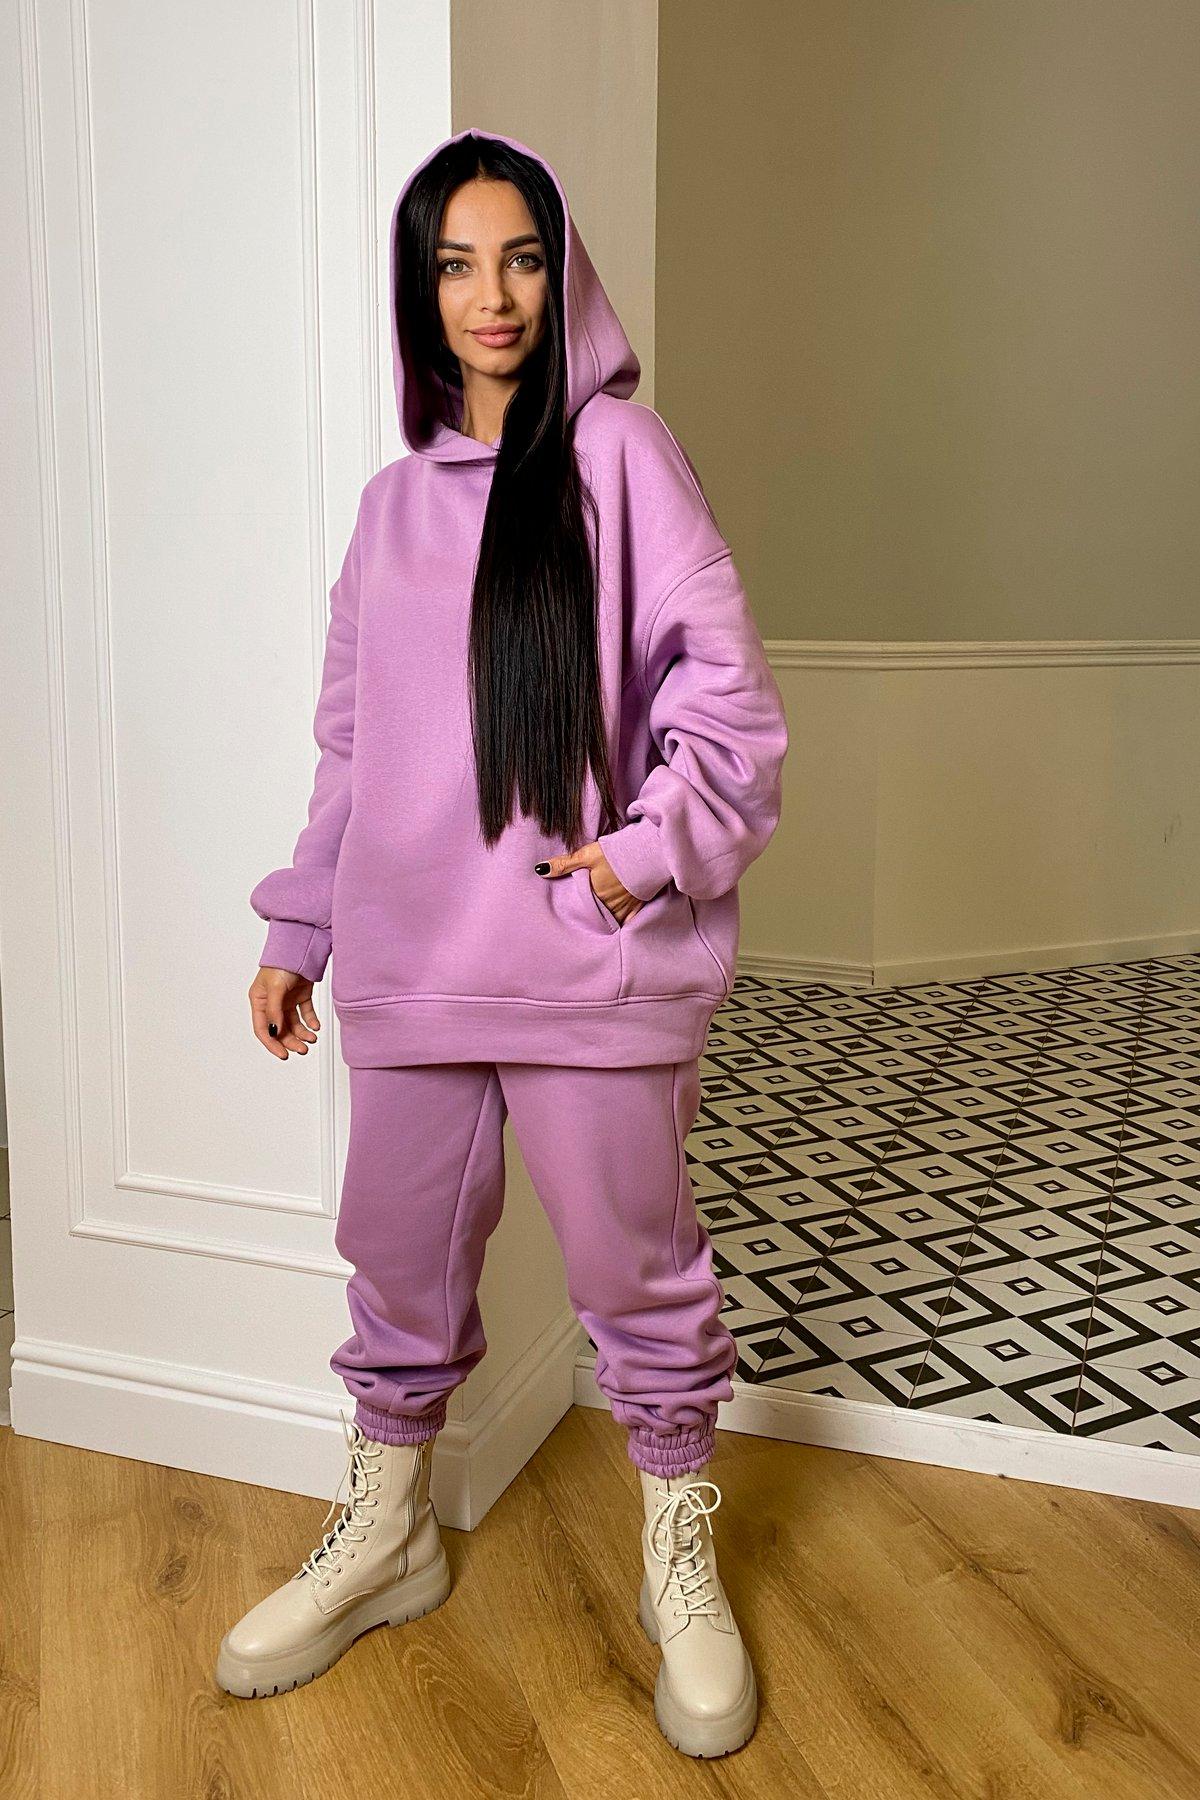 Марион костюм в  стиле Oversize  3х нитка 9651 АРТ. 46356 Цвет: Лаванда/1 - фото 5, интернет магазин tm-modus.ru